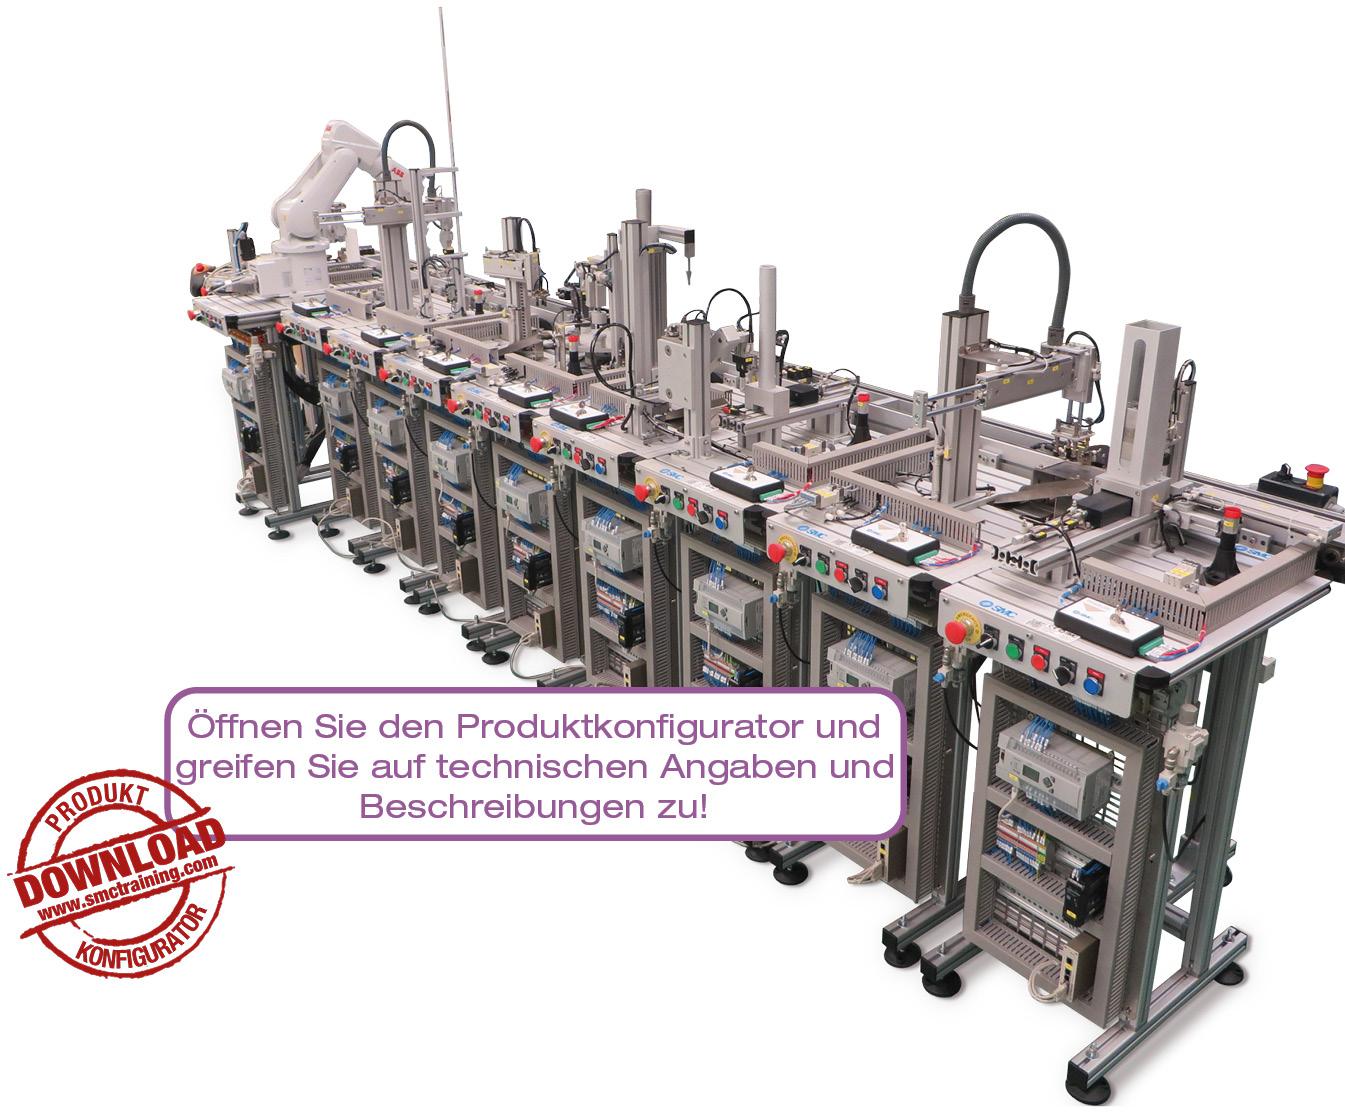 FAS-200 Flexible und kompakte didaktische Vorrichtung für Schulungen im Bereich Mechatronik und Automatisierung mit vielfältigen Technologien in ein und demselben System.